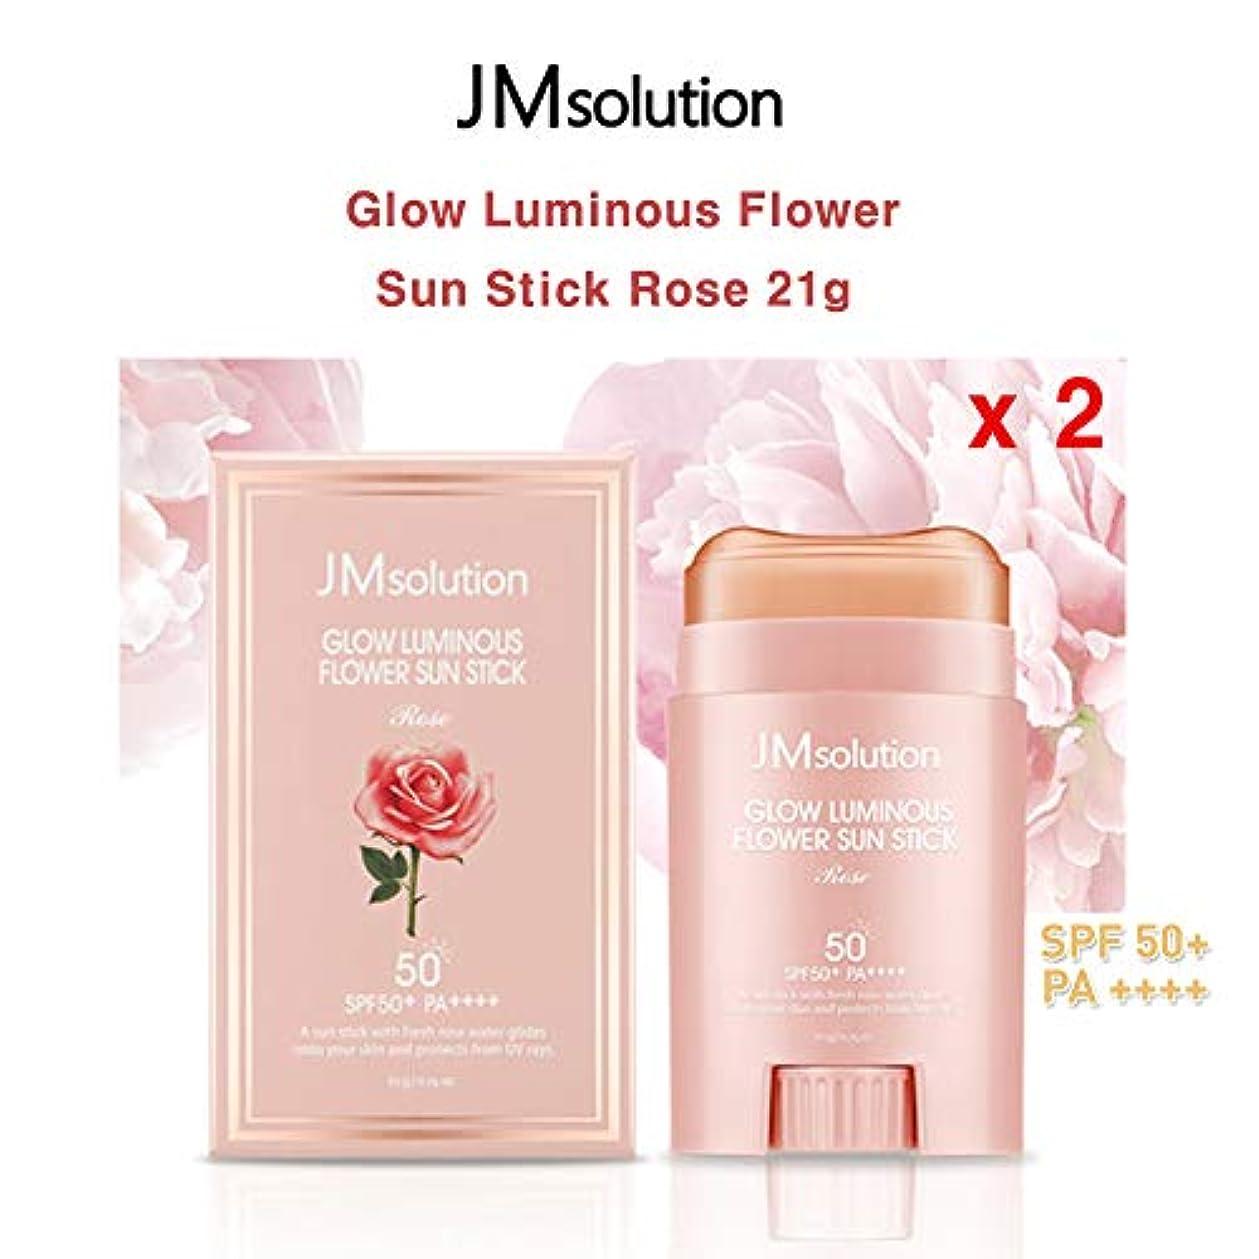 ショッキング識字批判的にJM Solution ★1+1★ Glow Luminous Flower Sun Stick Rose 21g (spf50 PA) 光る輝く花Sun Stick Rose